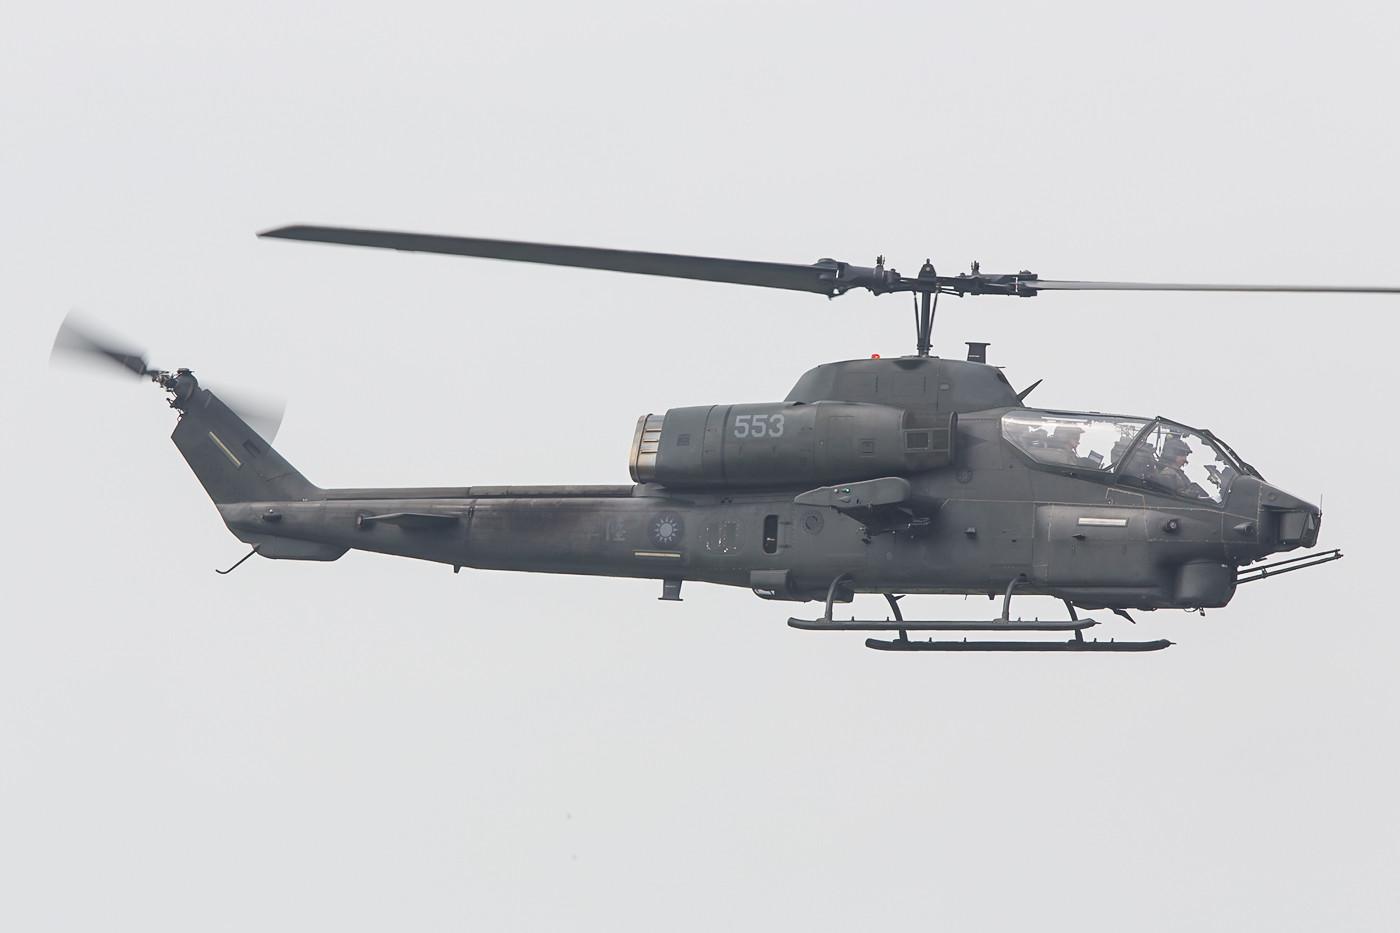 AH-1W Super Cobra. Die Cobra war bei ihrer Indienststellung in den 1960´ern der erste richtige Kampfhubschrauber der Welt.